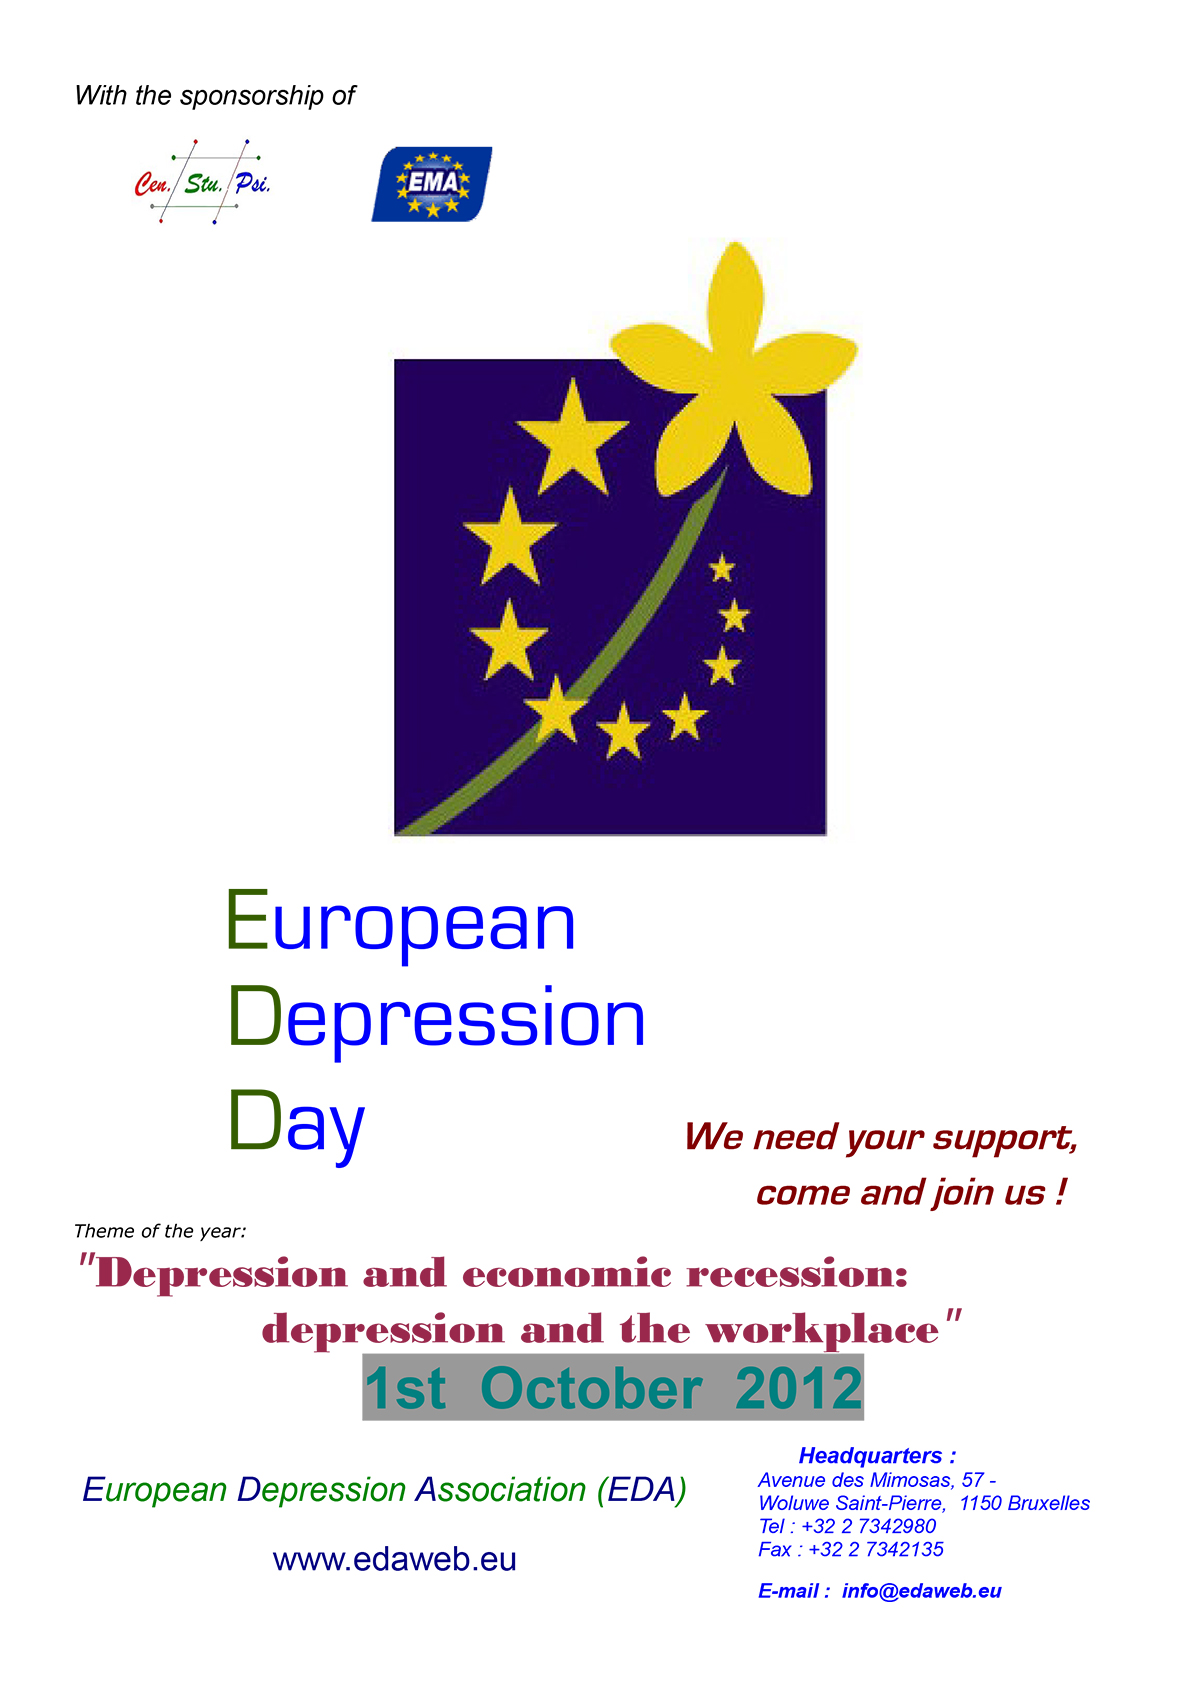 European Depression Day 2012